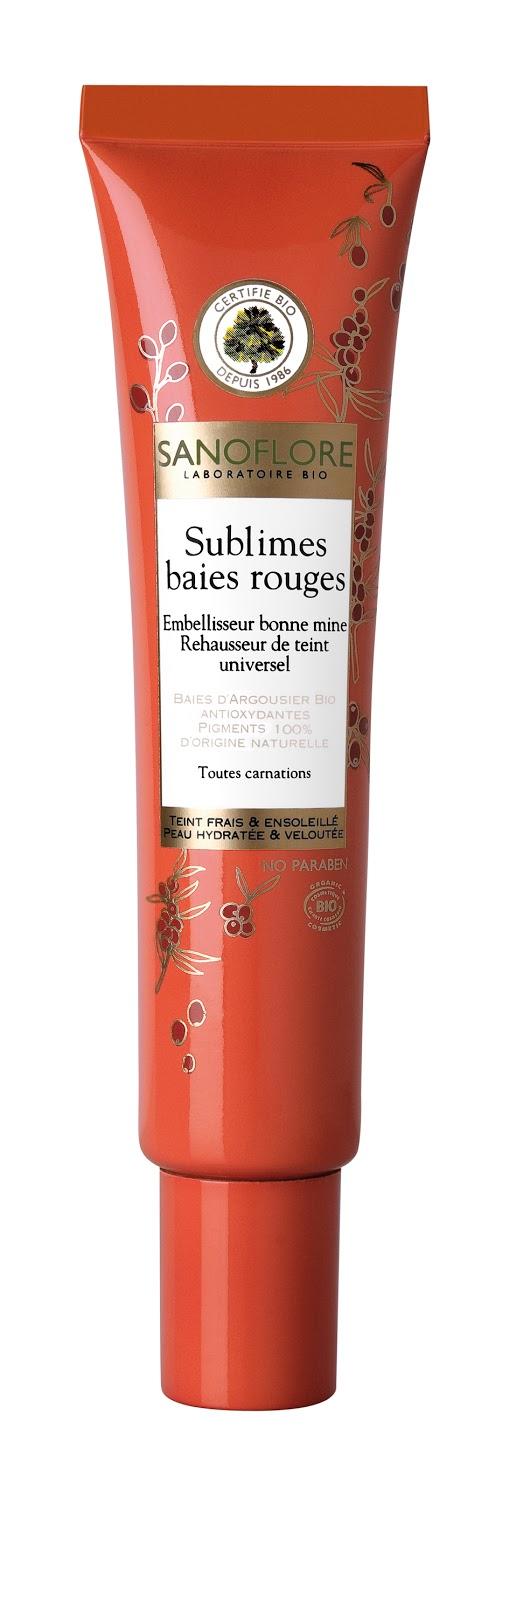 Derniers cosmétiques achetés ? - Page 6 Sublimes+Baies+Rouges